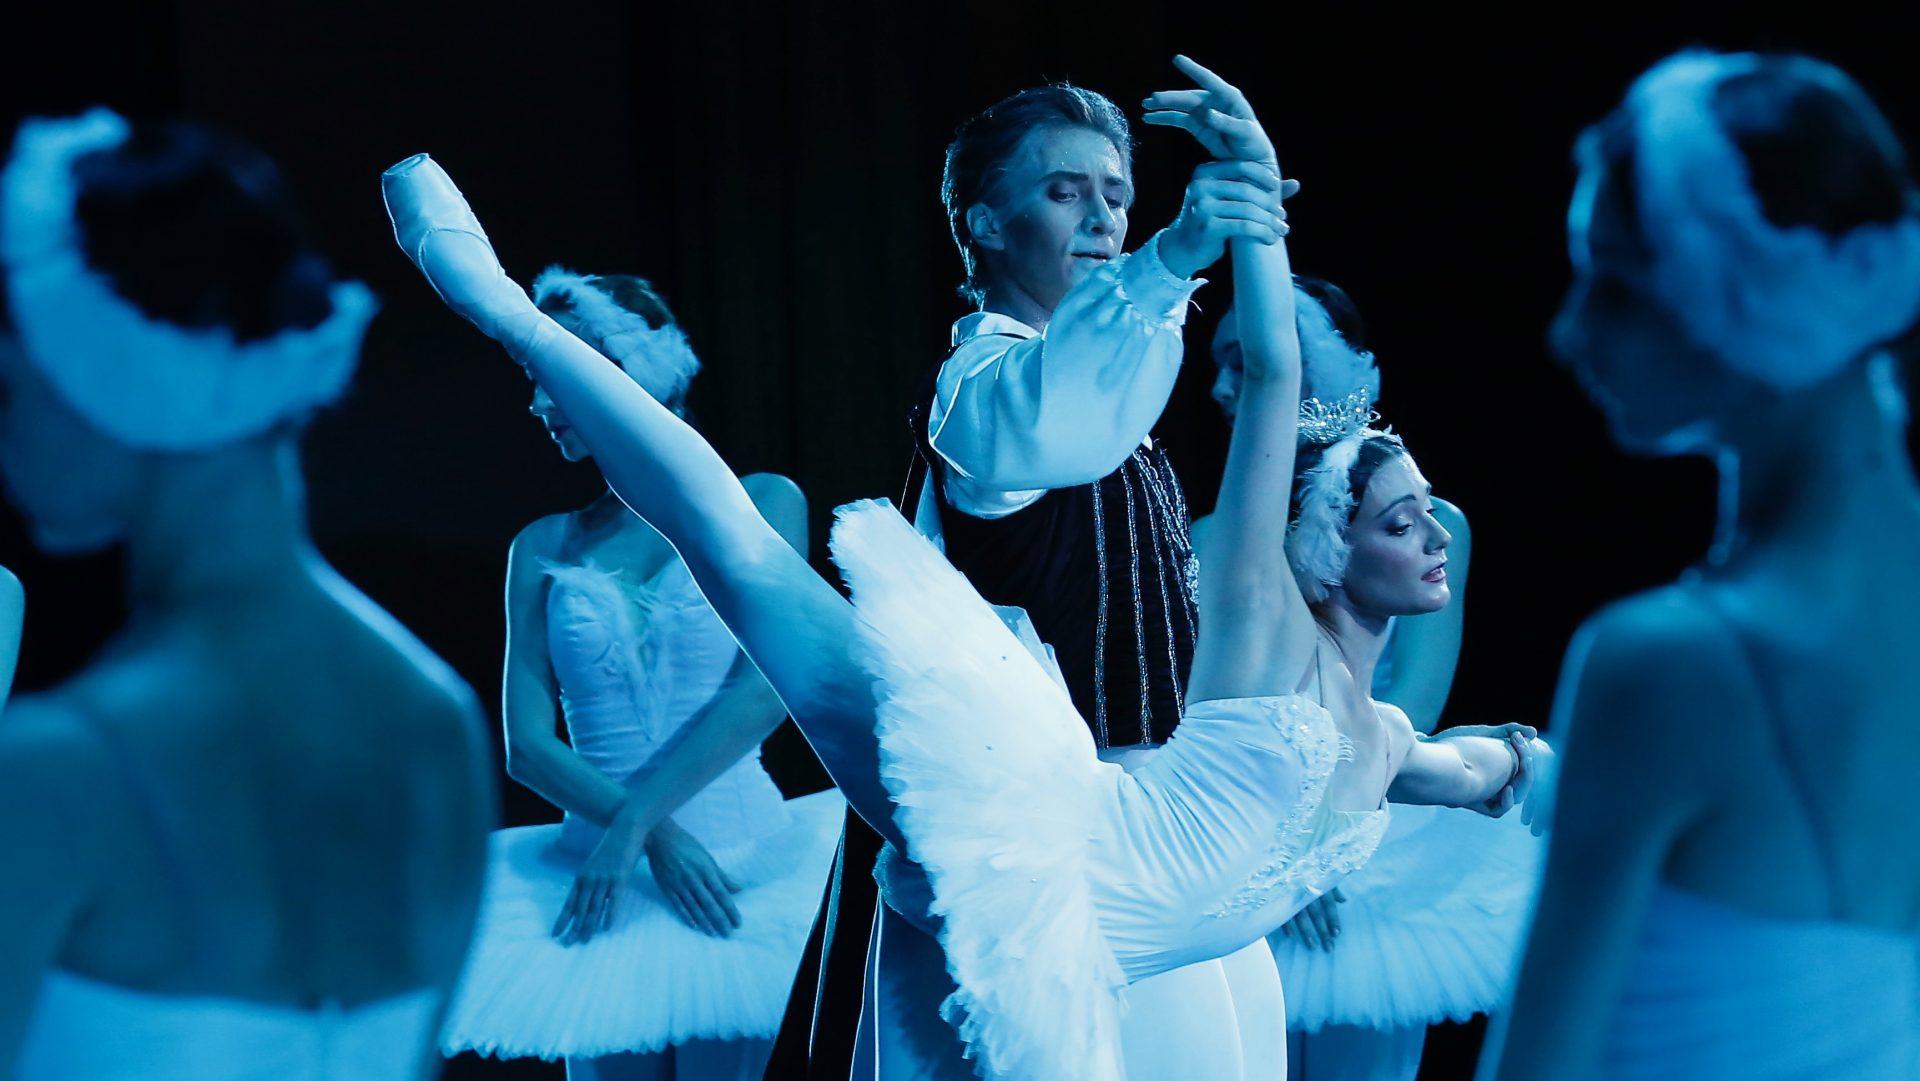 Swan Lake in the Kremlin Palace. Starring Sara Lane & Vadim Muntagirov